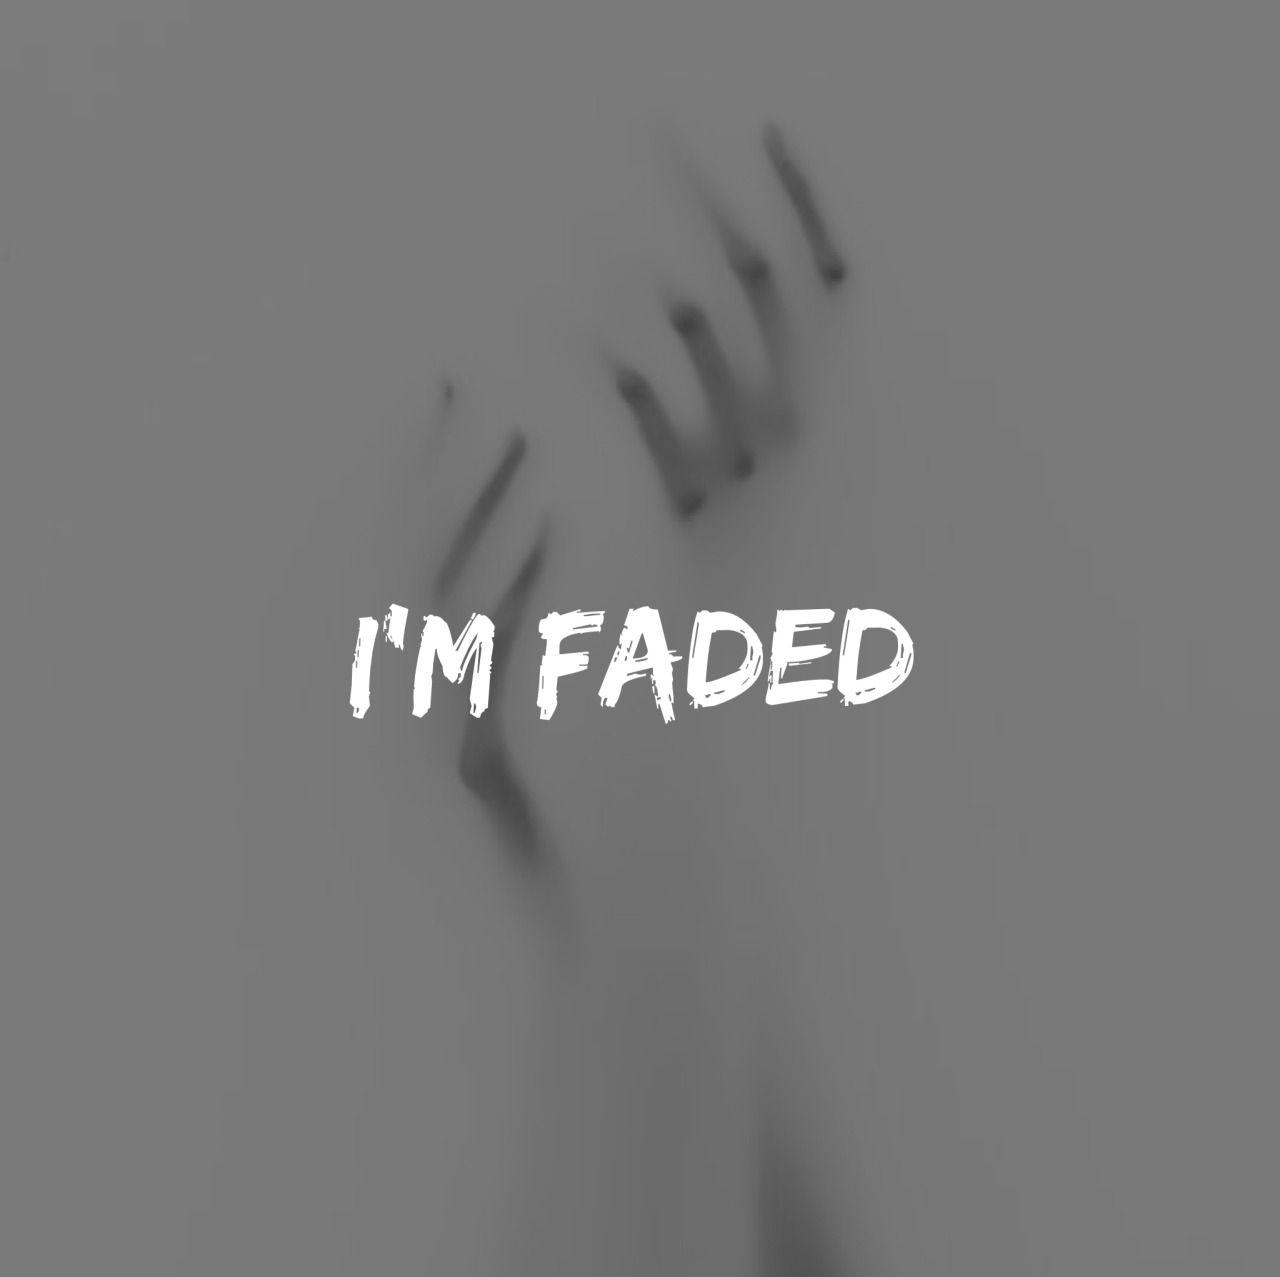 I'm faded.